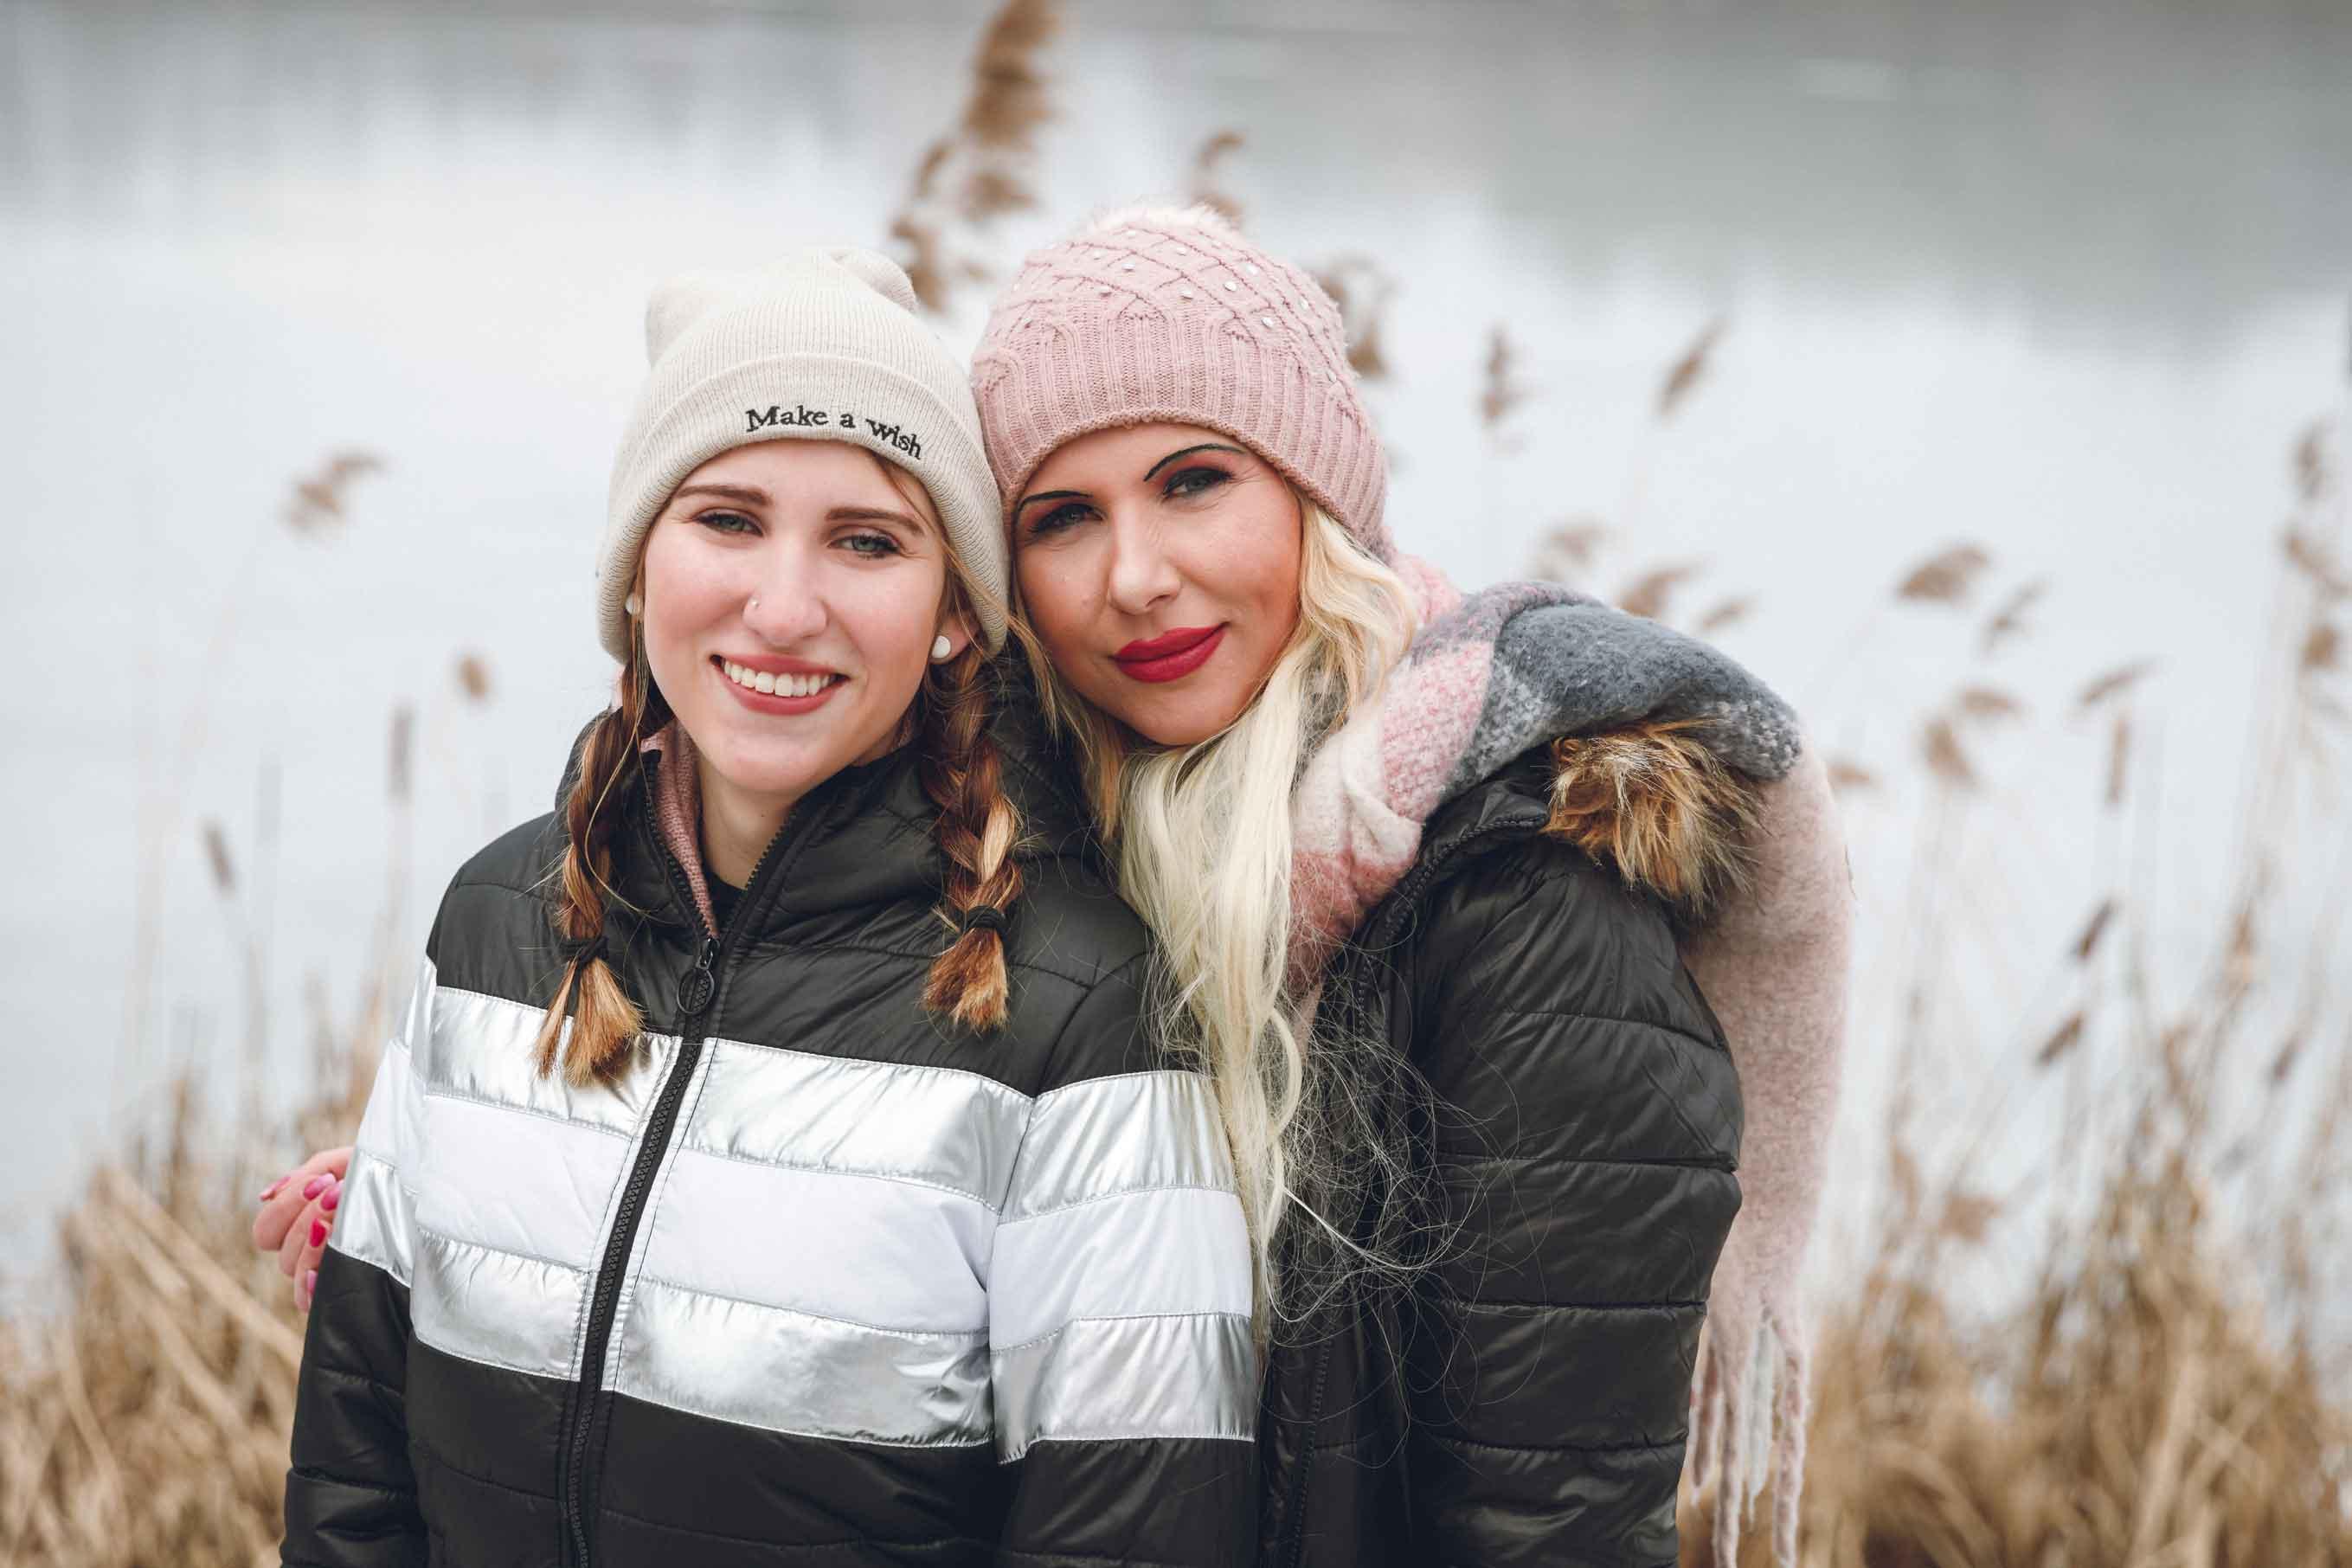 Mutter und Tochter – Portraits am Rothsee zum Muttertag IMG 7655w